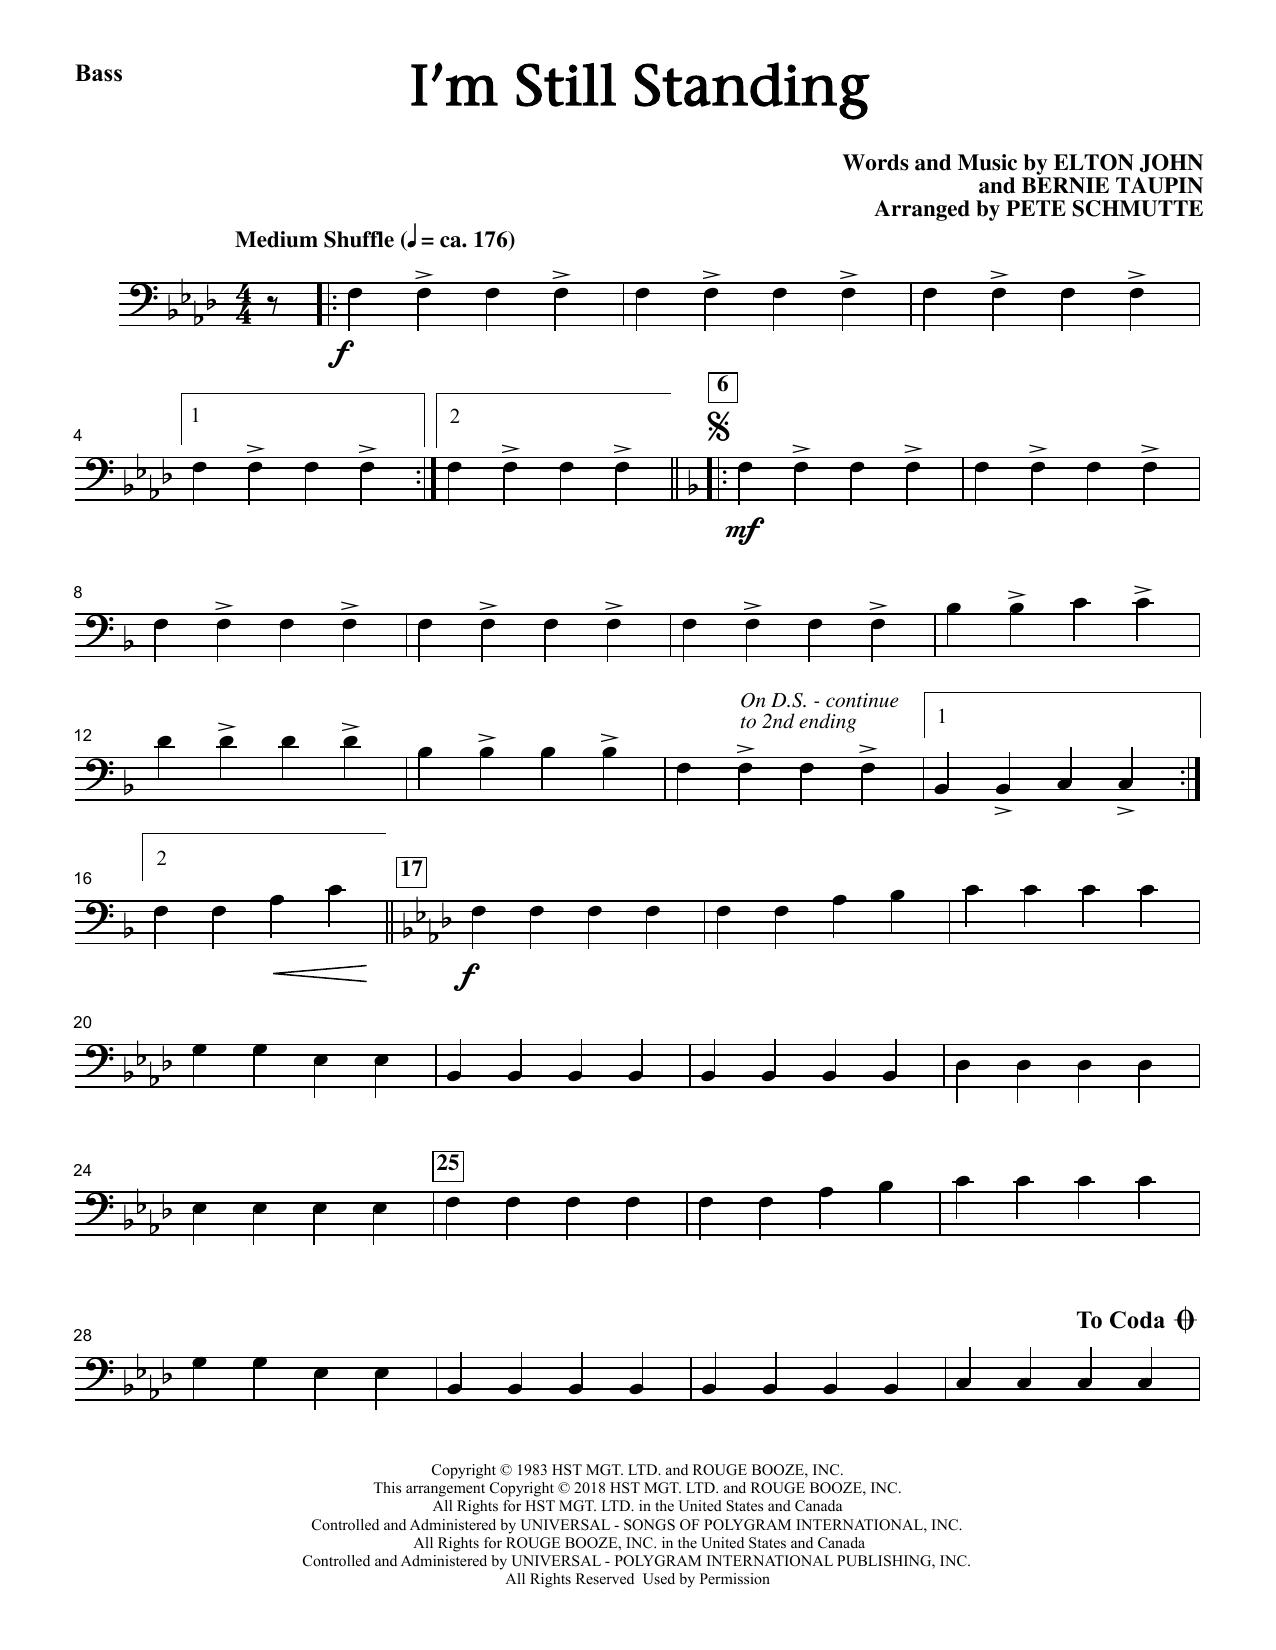 I'm Still Standing - Bass Sheet Music